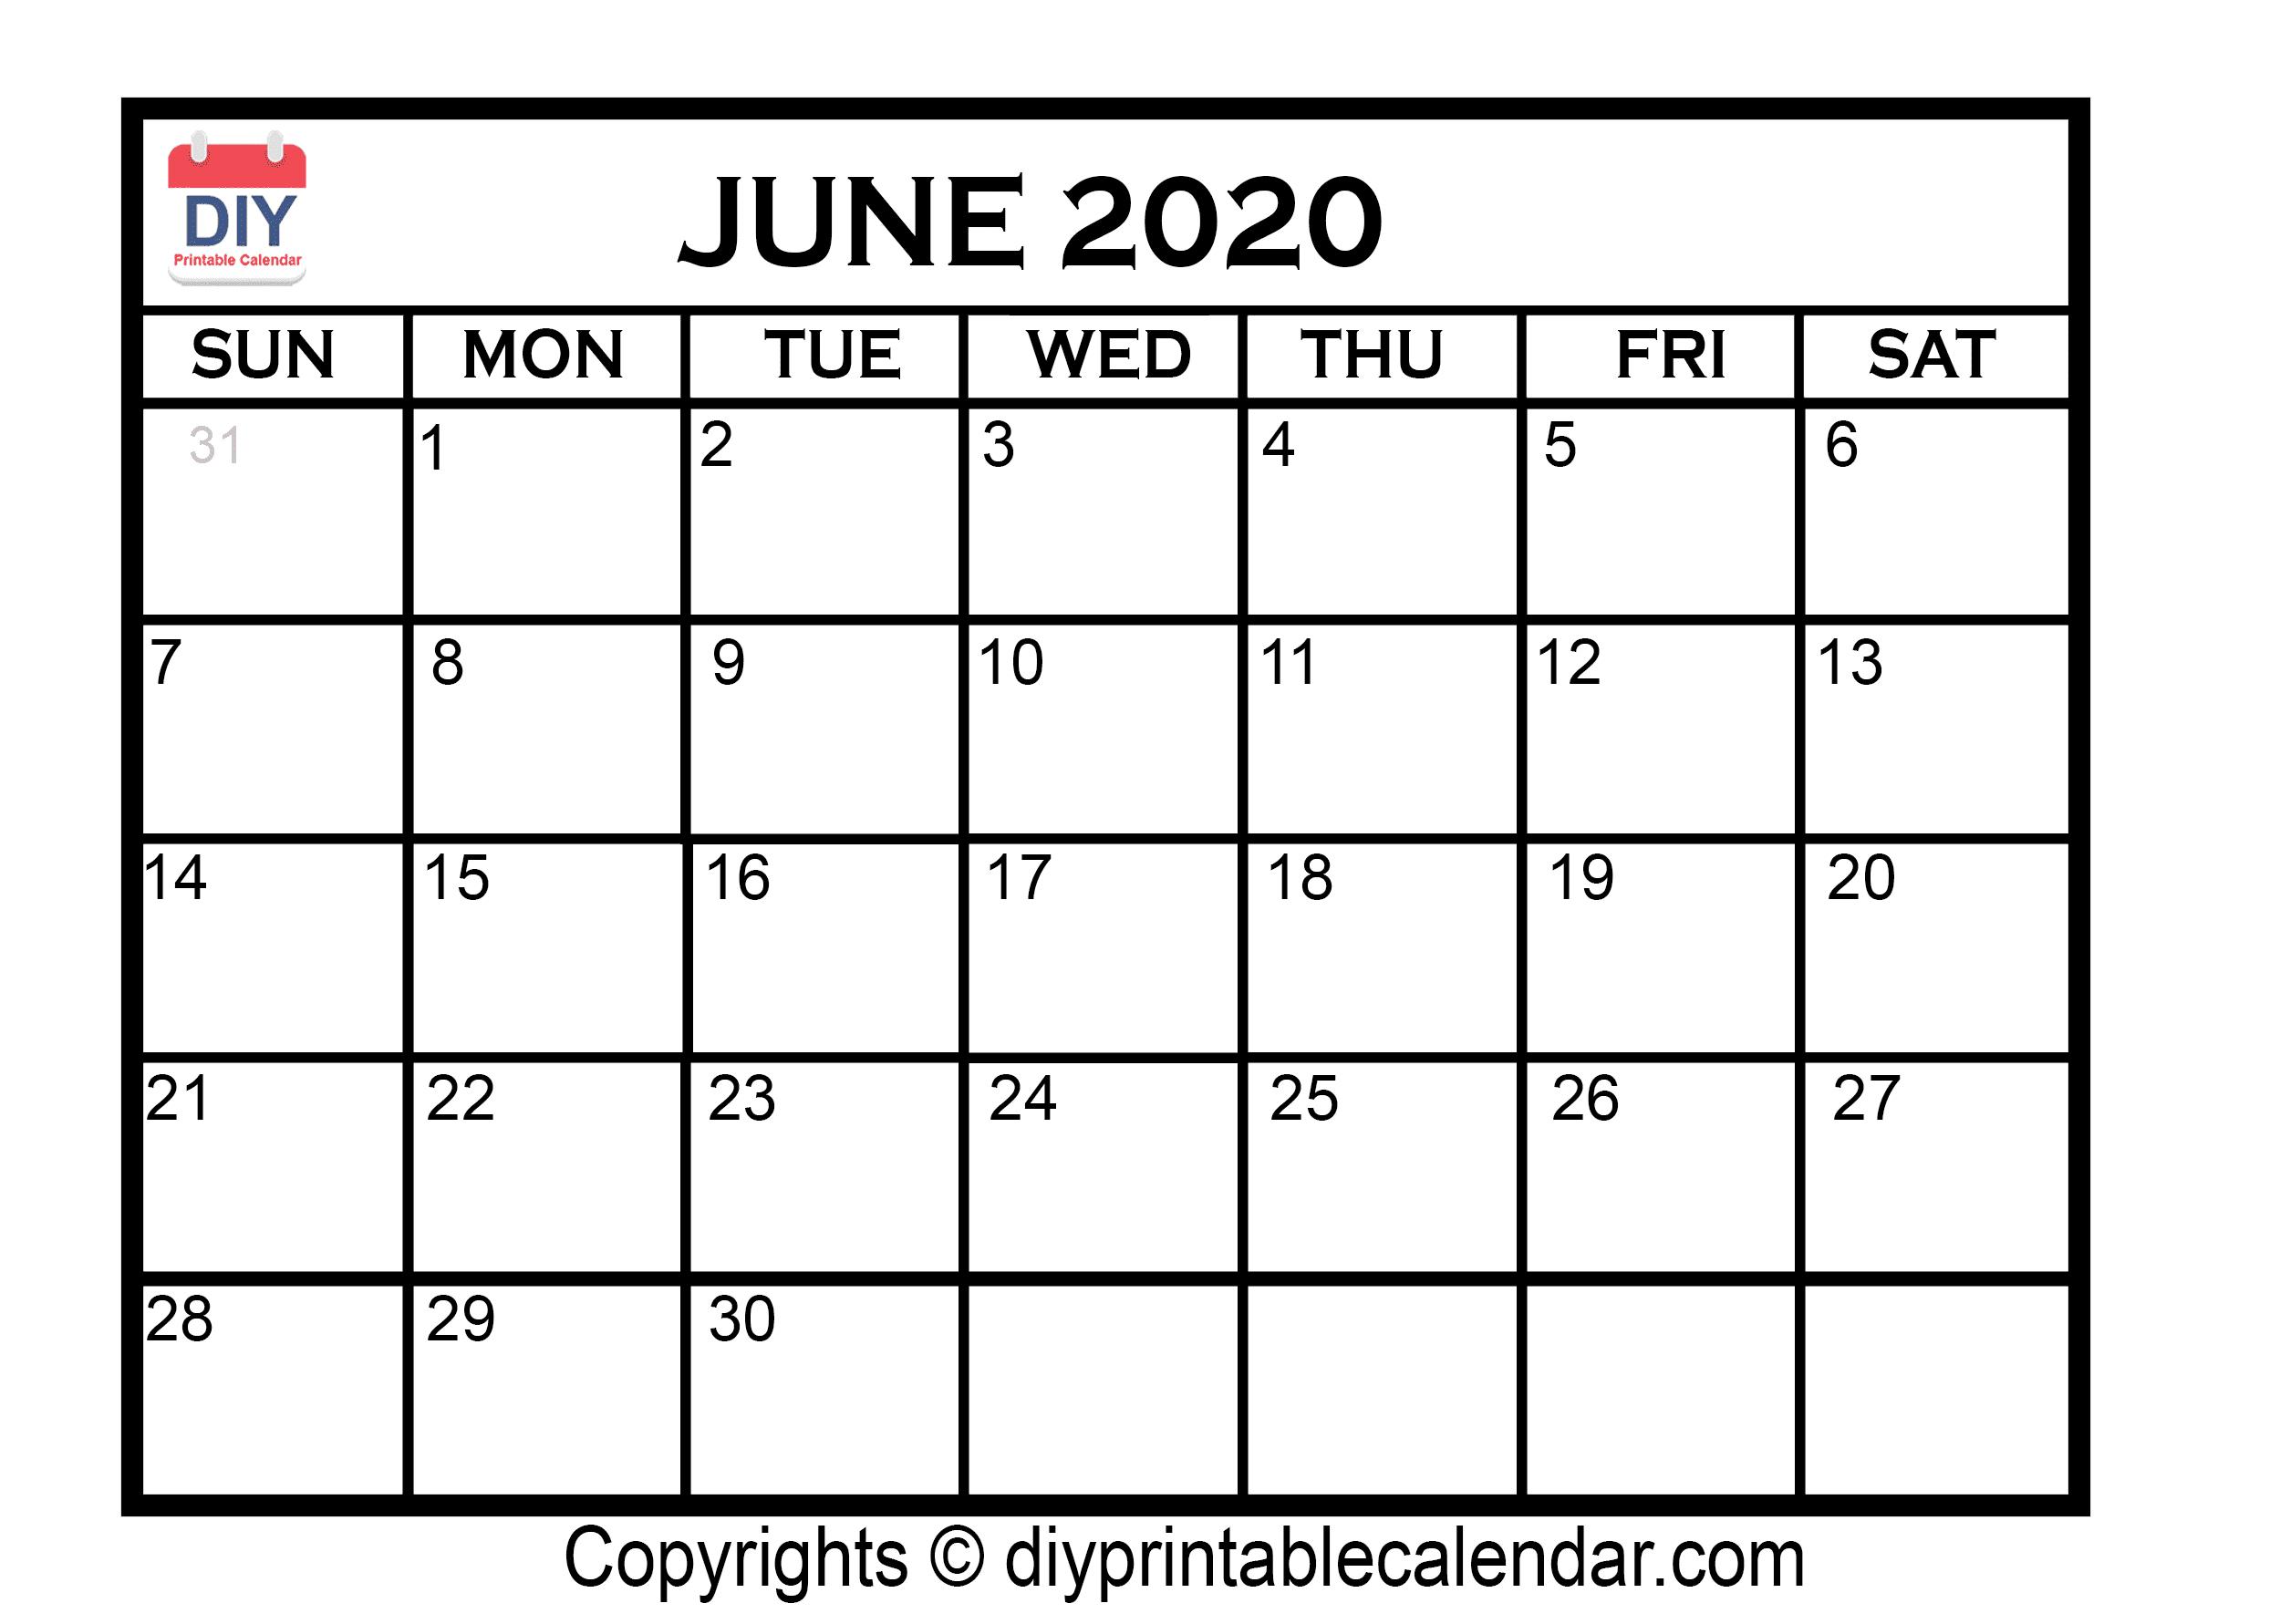 June 2020 Printable Calendar Template